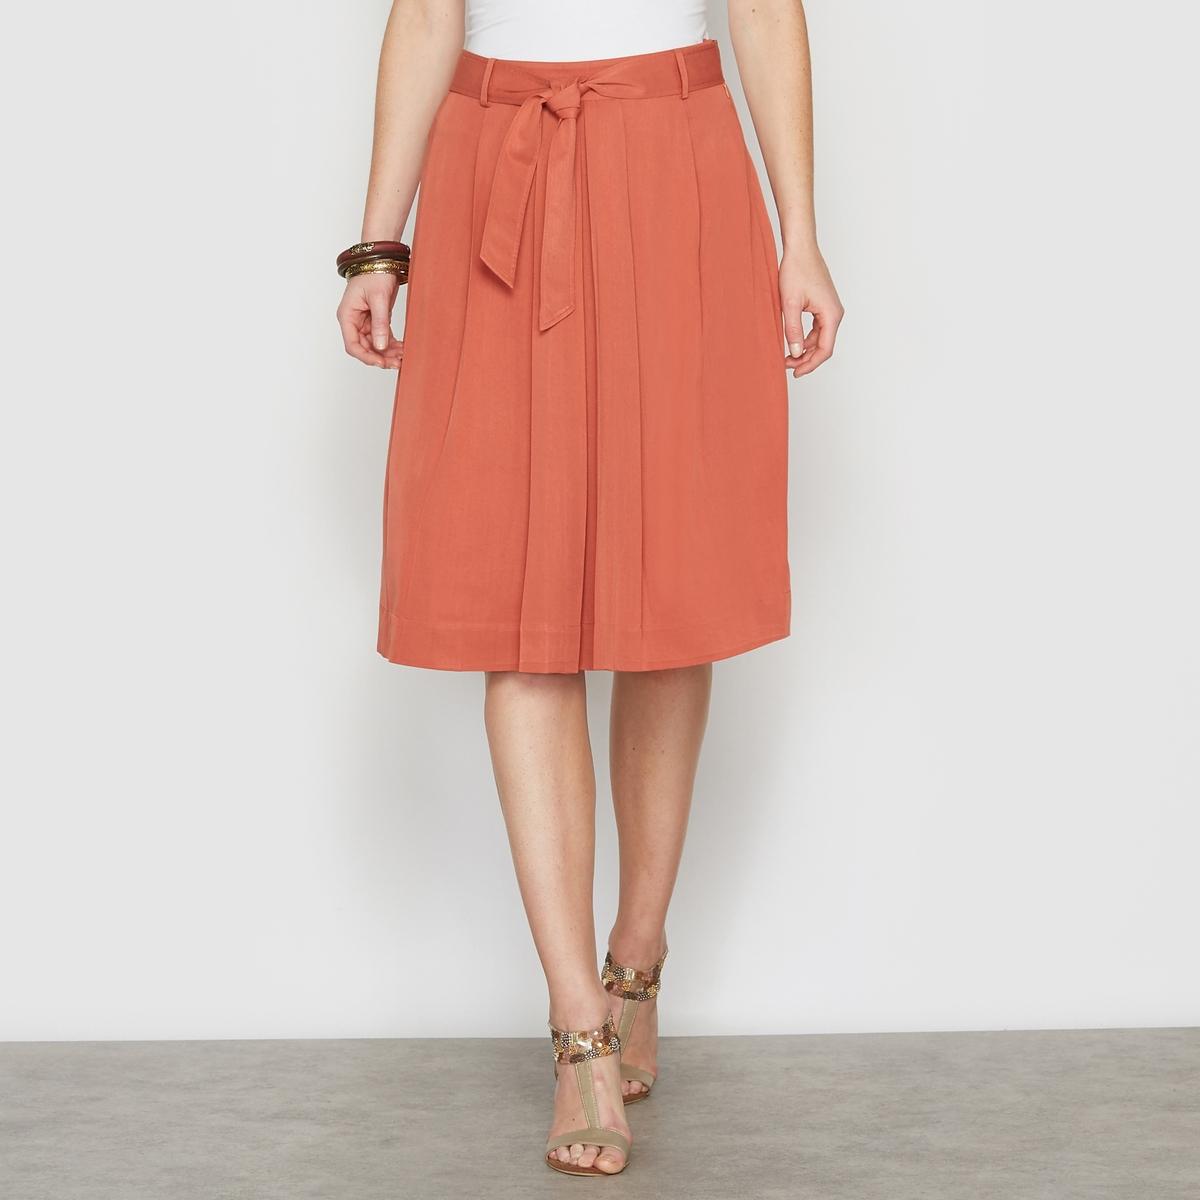 Расклешенная юбка из струящейся саржи, 100% вискозы